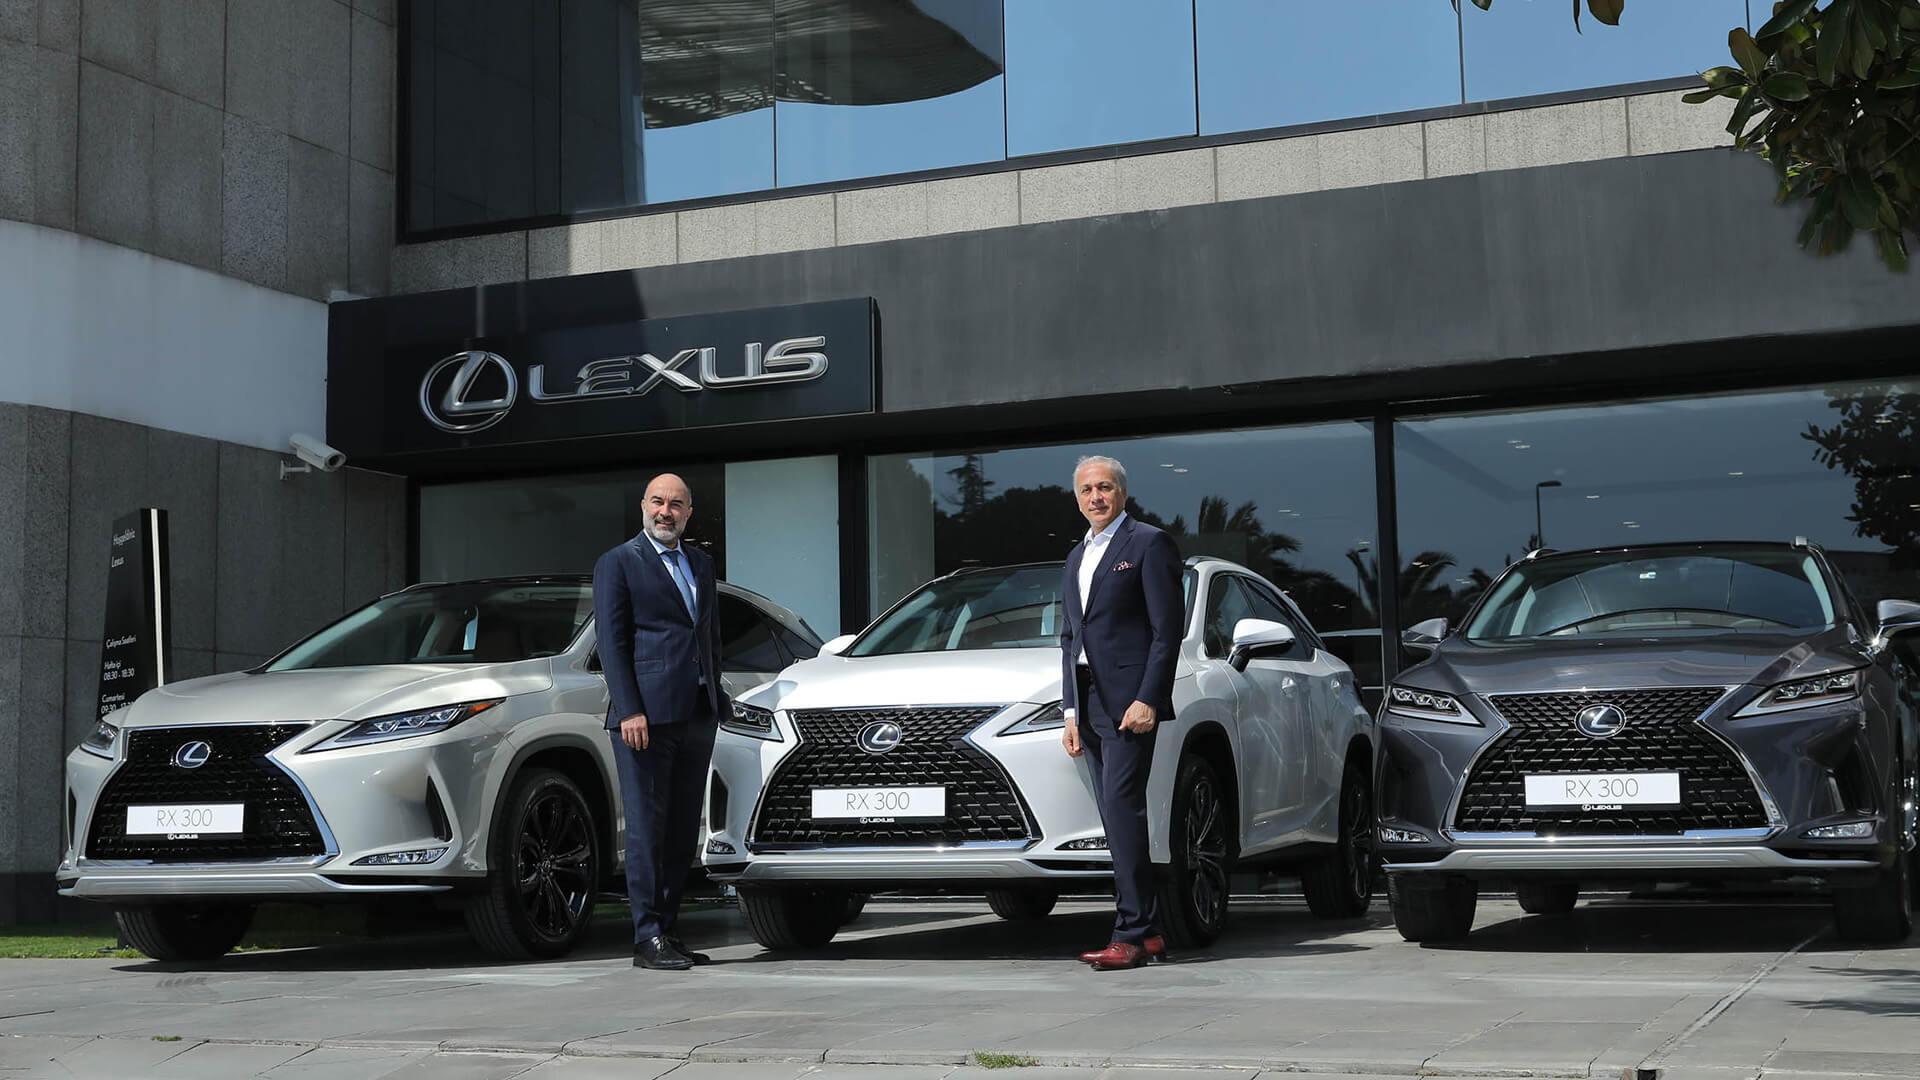 Dünyanın İlk Premium SUV'u Lexus RX